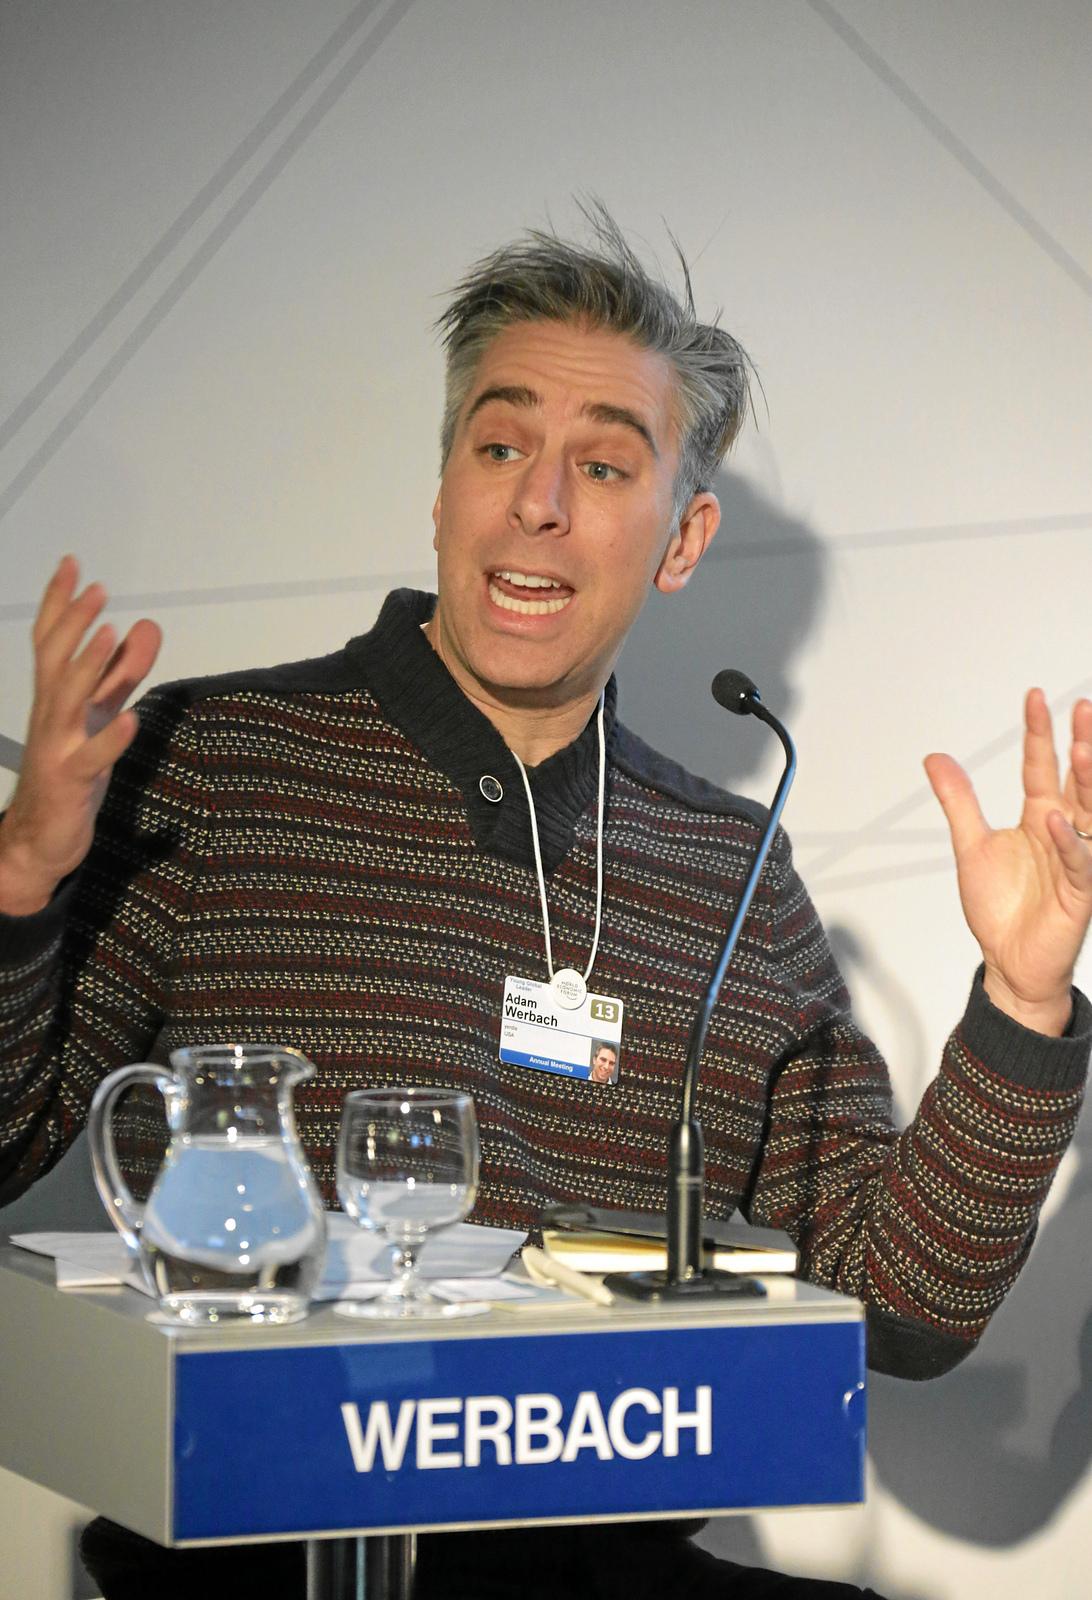 adam speaking at Davos